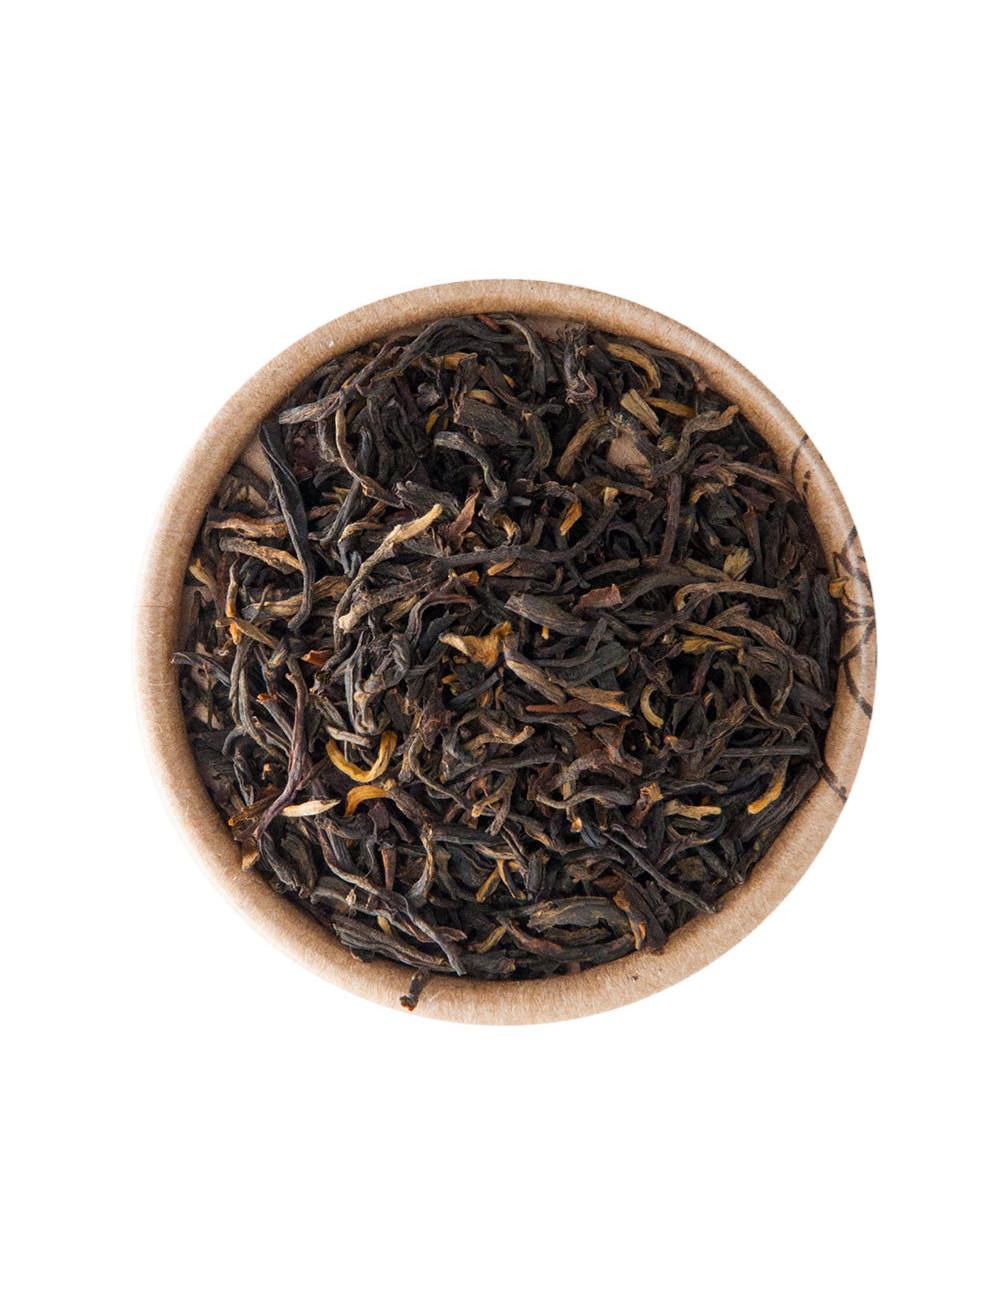 Golden Yunnan Special tè rosso - La Pianta del Tè shop online